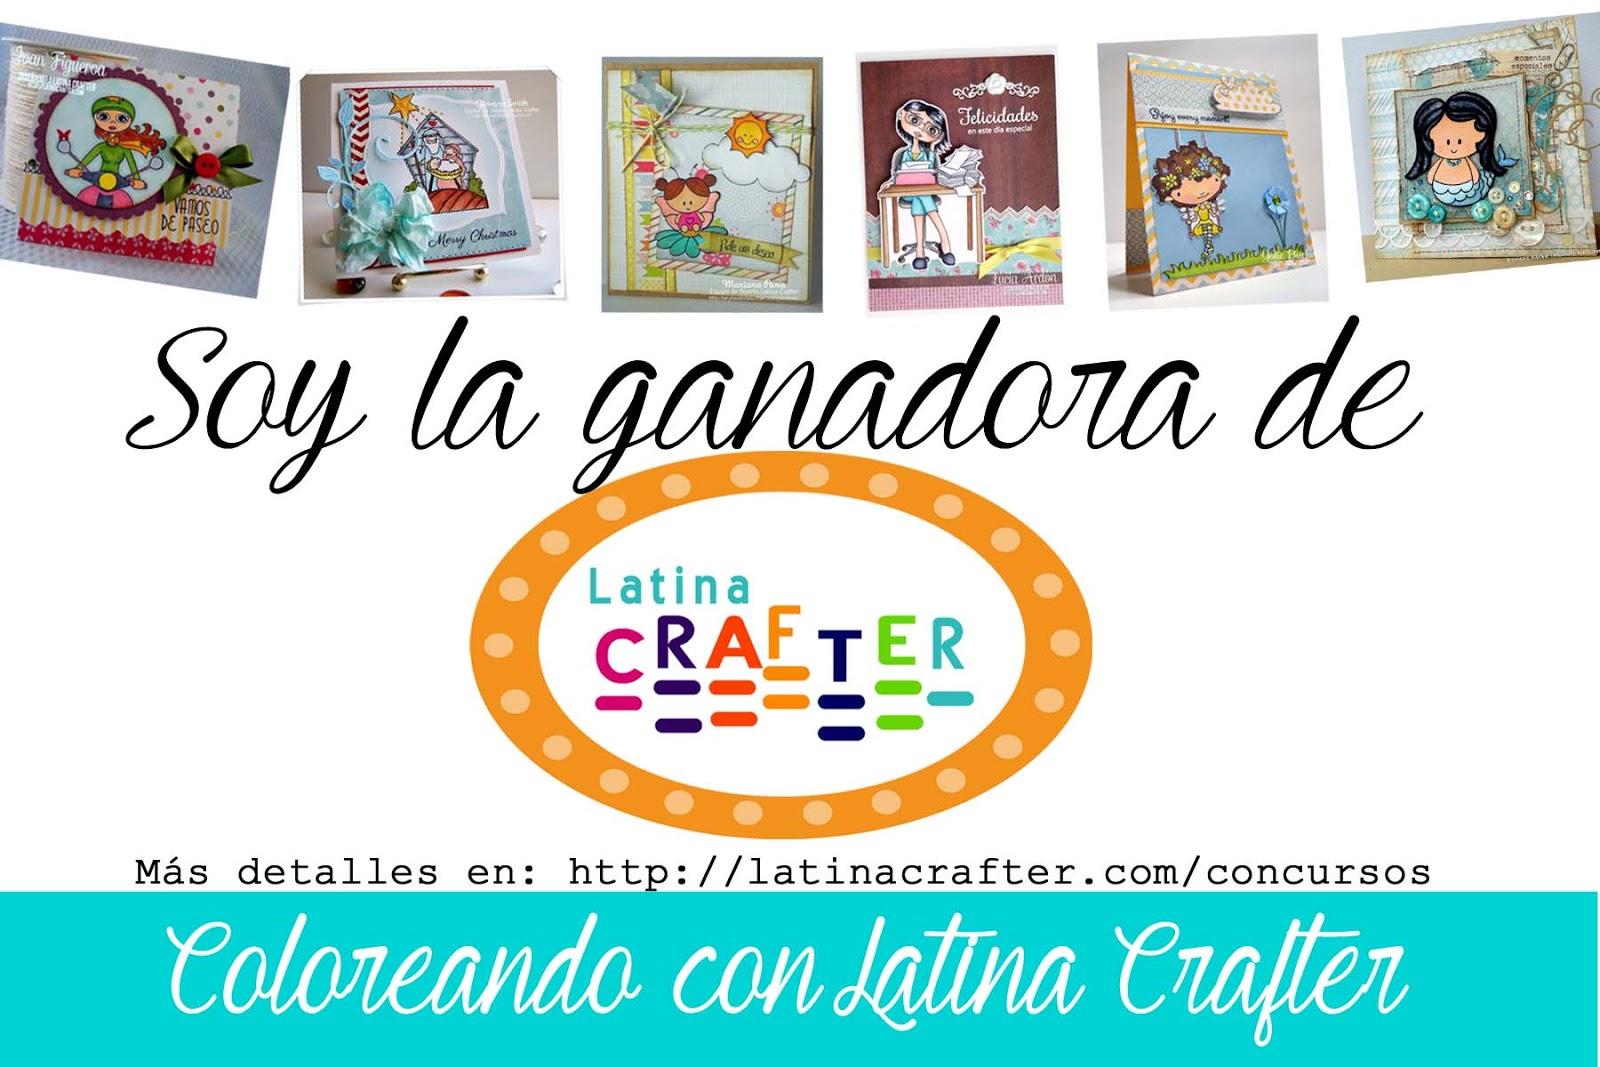 Ganadora del Concurso Colorea con Latina Crafter